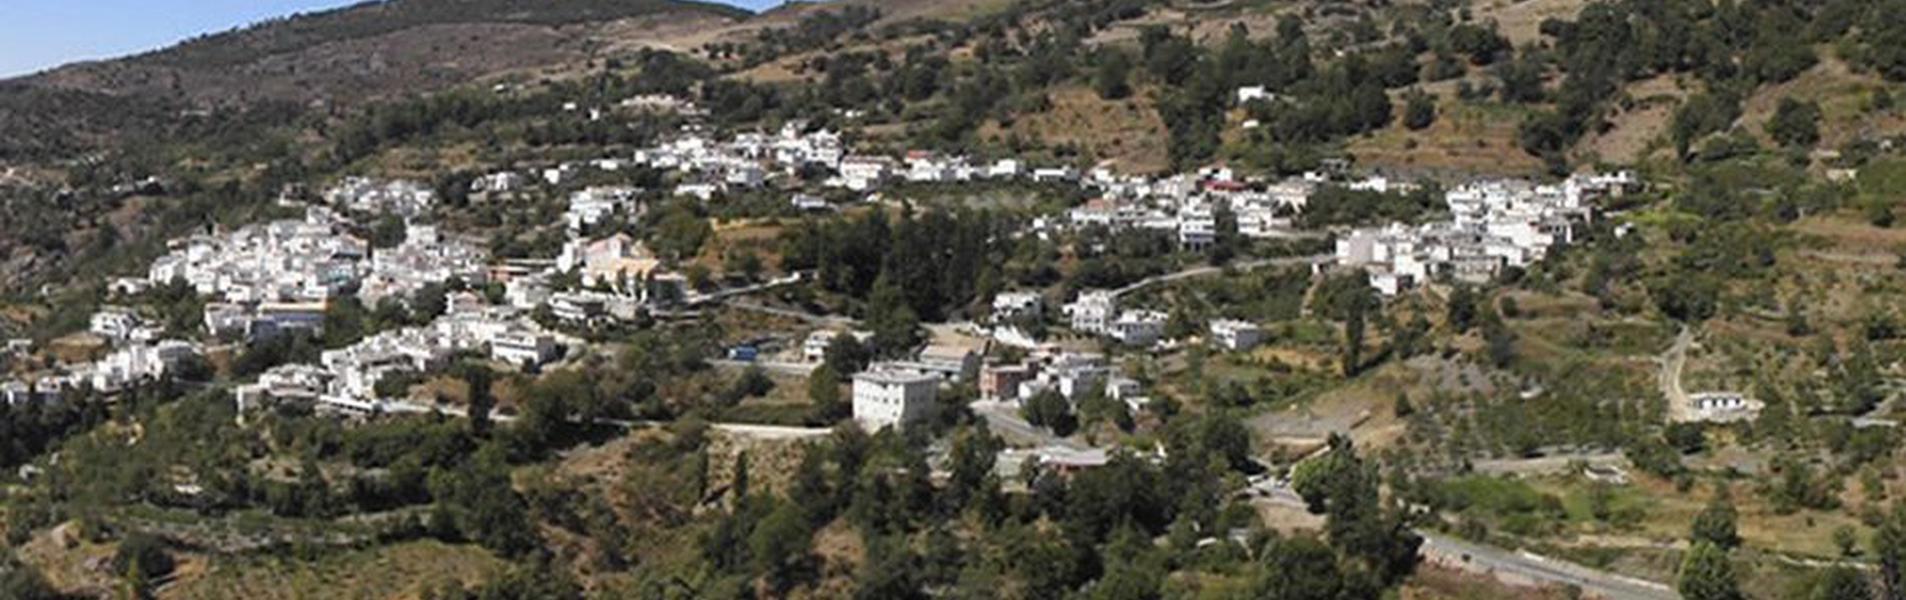 Alpujarra de la Sierra